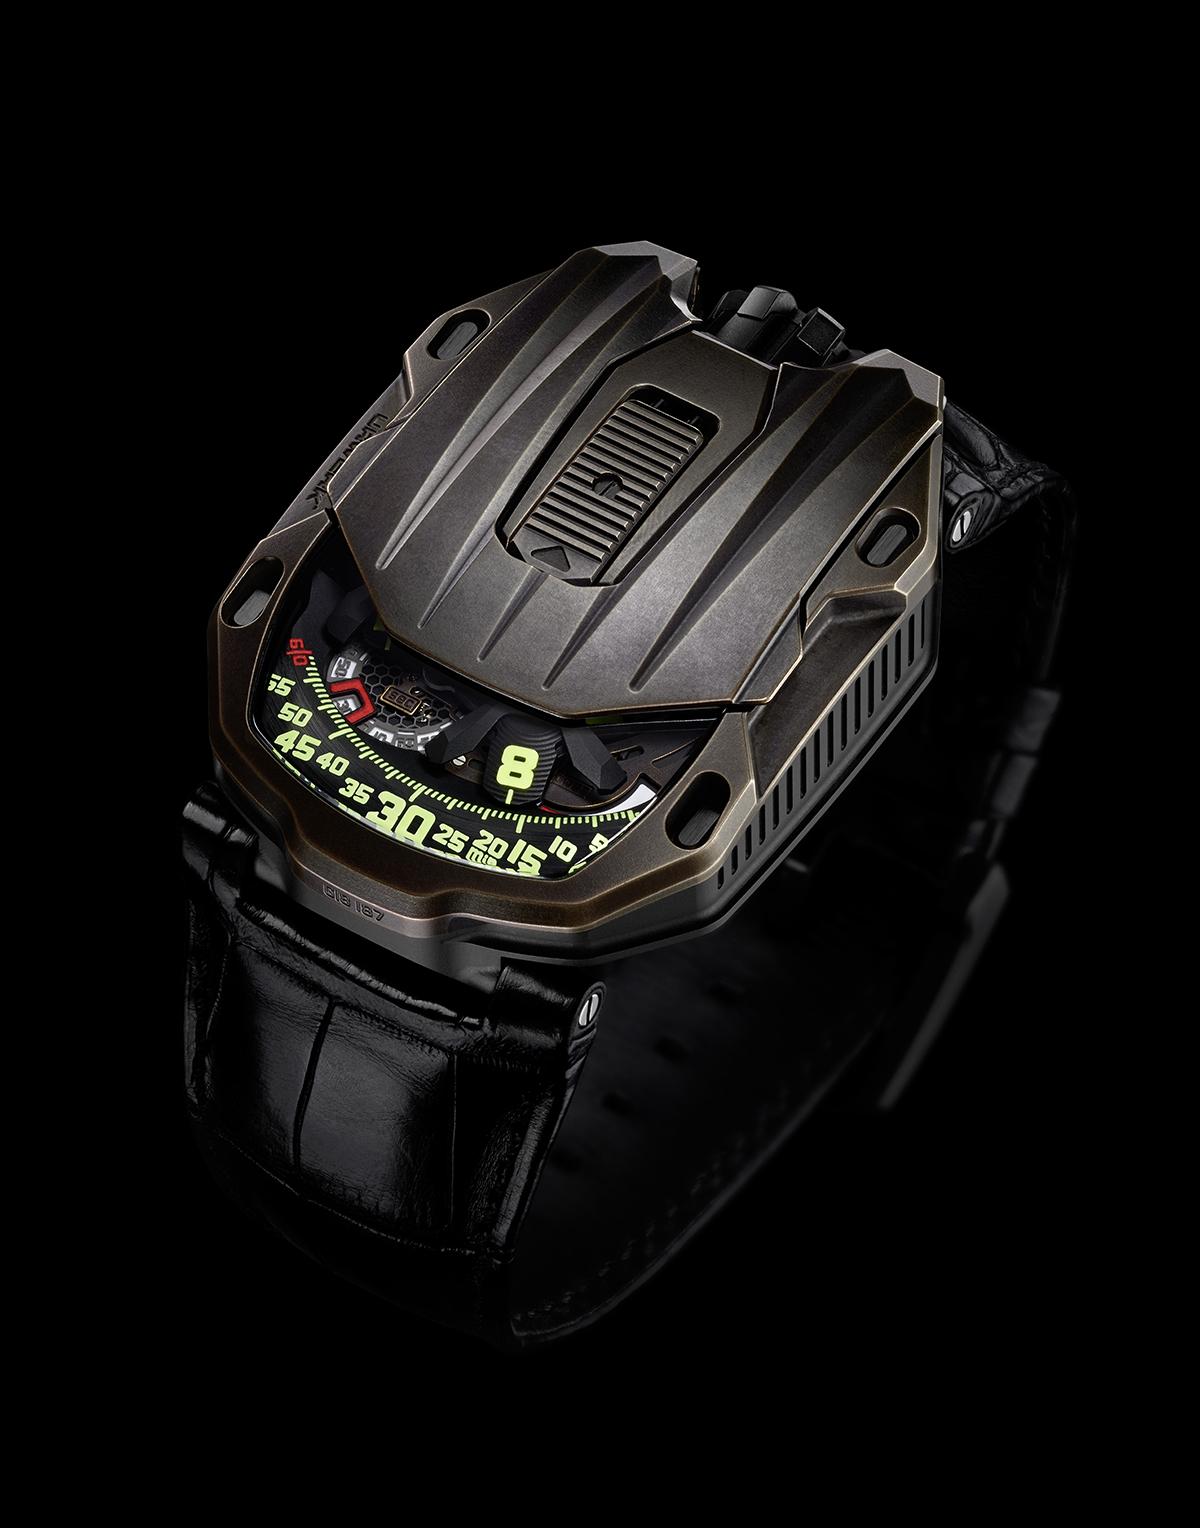 El nuevo Urwerk Ur-105 CT Maverick incorpora una caja realizada en bronce y titanio